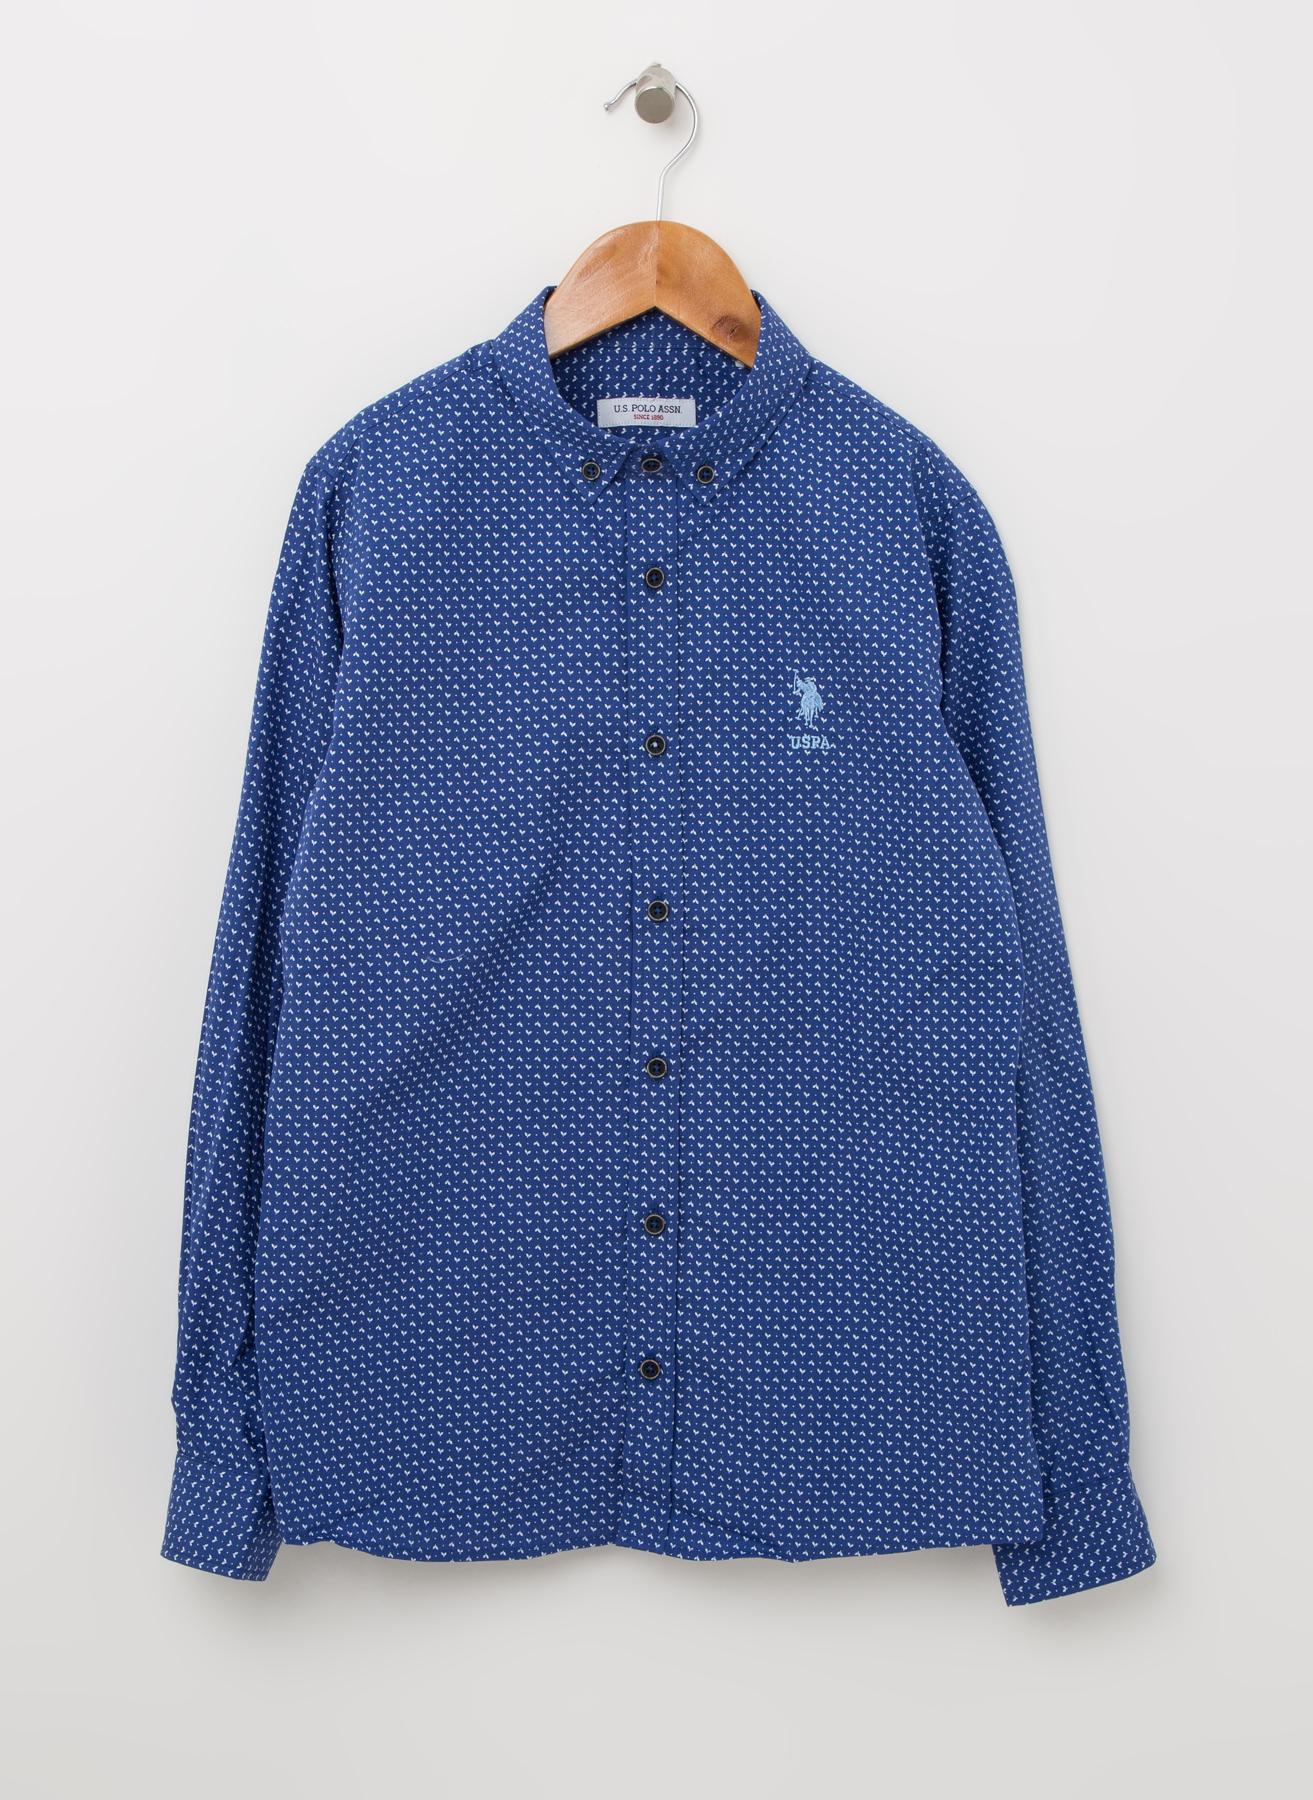 U.S. Polo Assn. Desenli Mavi Gömlek 5 Yaş 5001823832006 Ürün Resmi